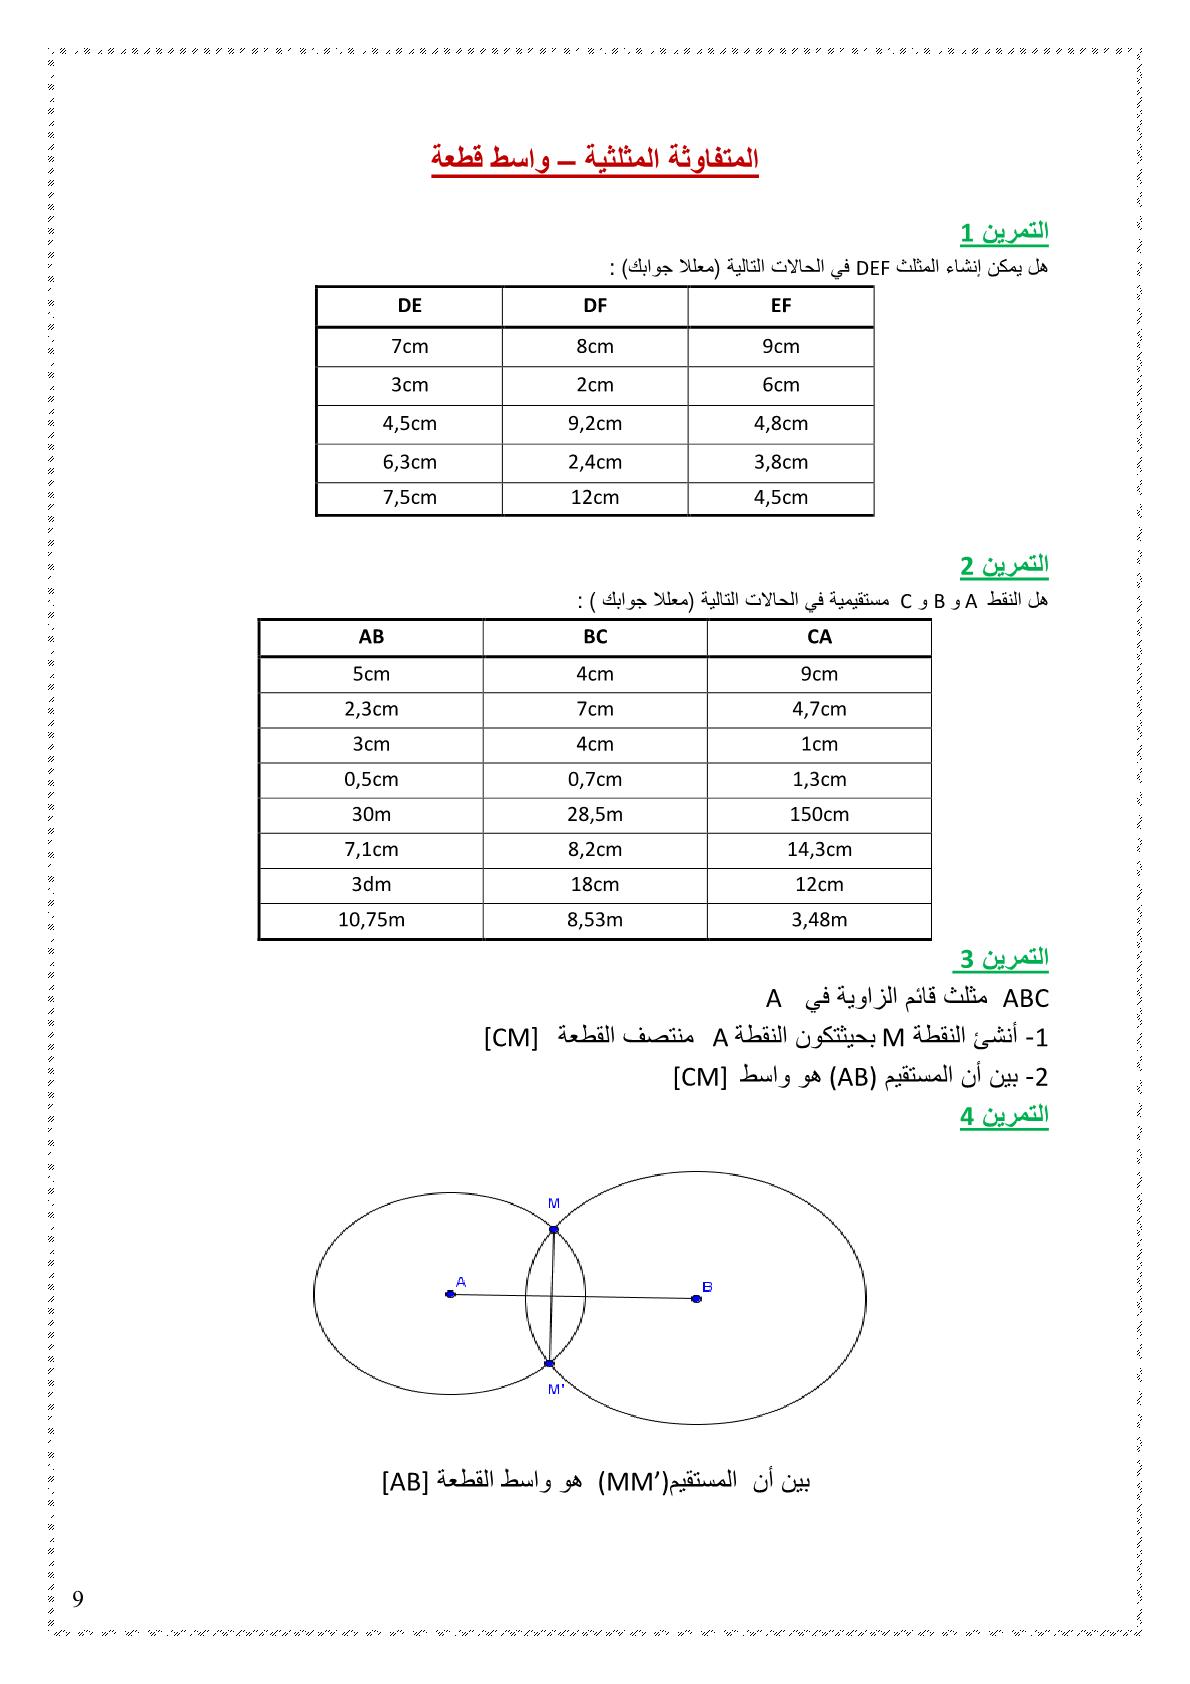 تمارين المتفاوثة المثلثية وواسط قطعة مادة الرياضيات الاولى اعدادي